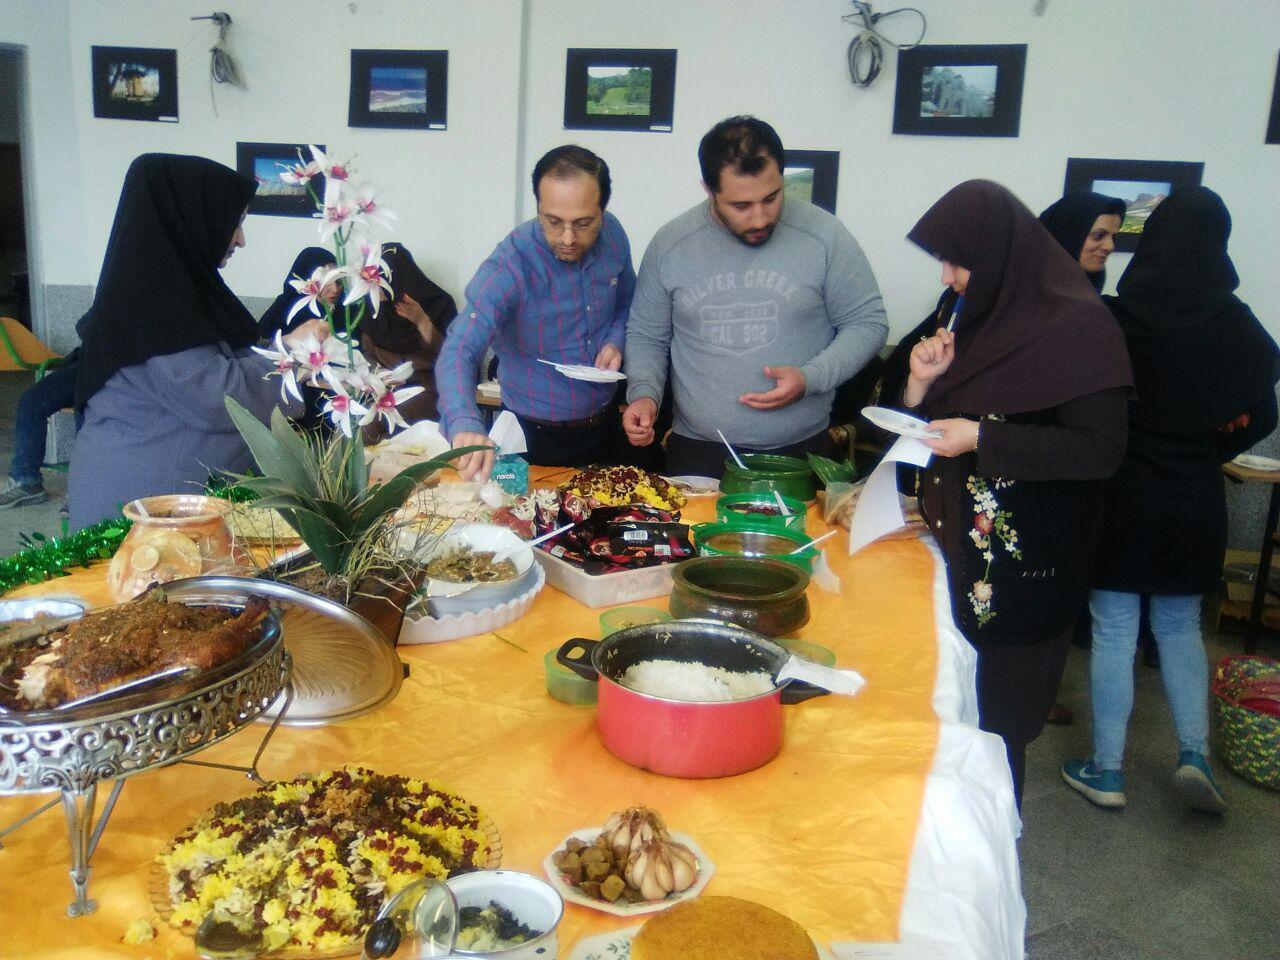 جشنواره غذاهای بومی محلی در دانشگاه پیام نور لنگرود برگزار شد